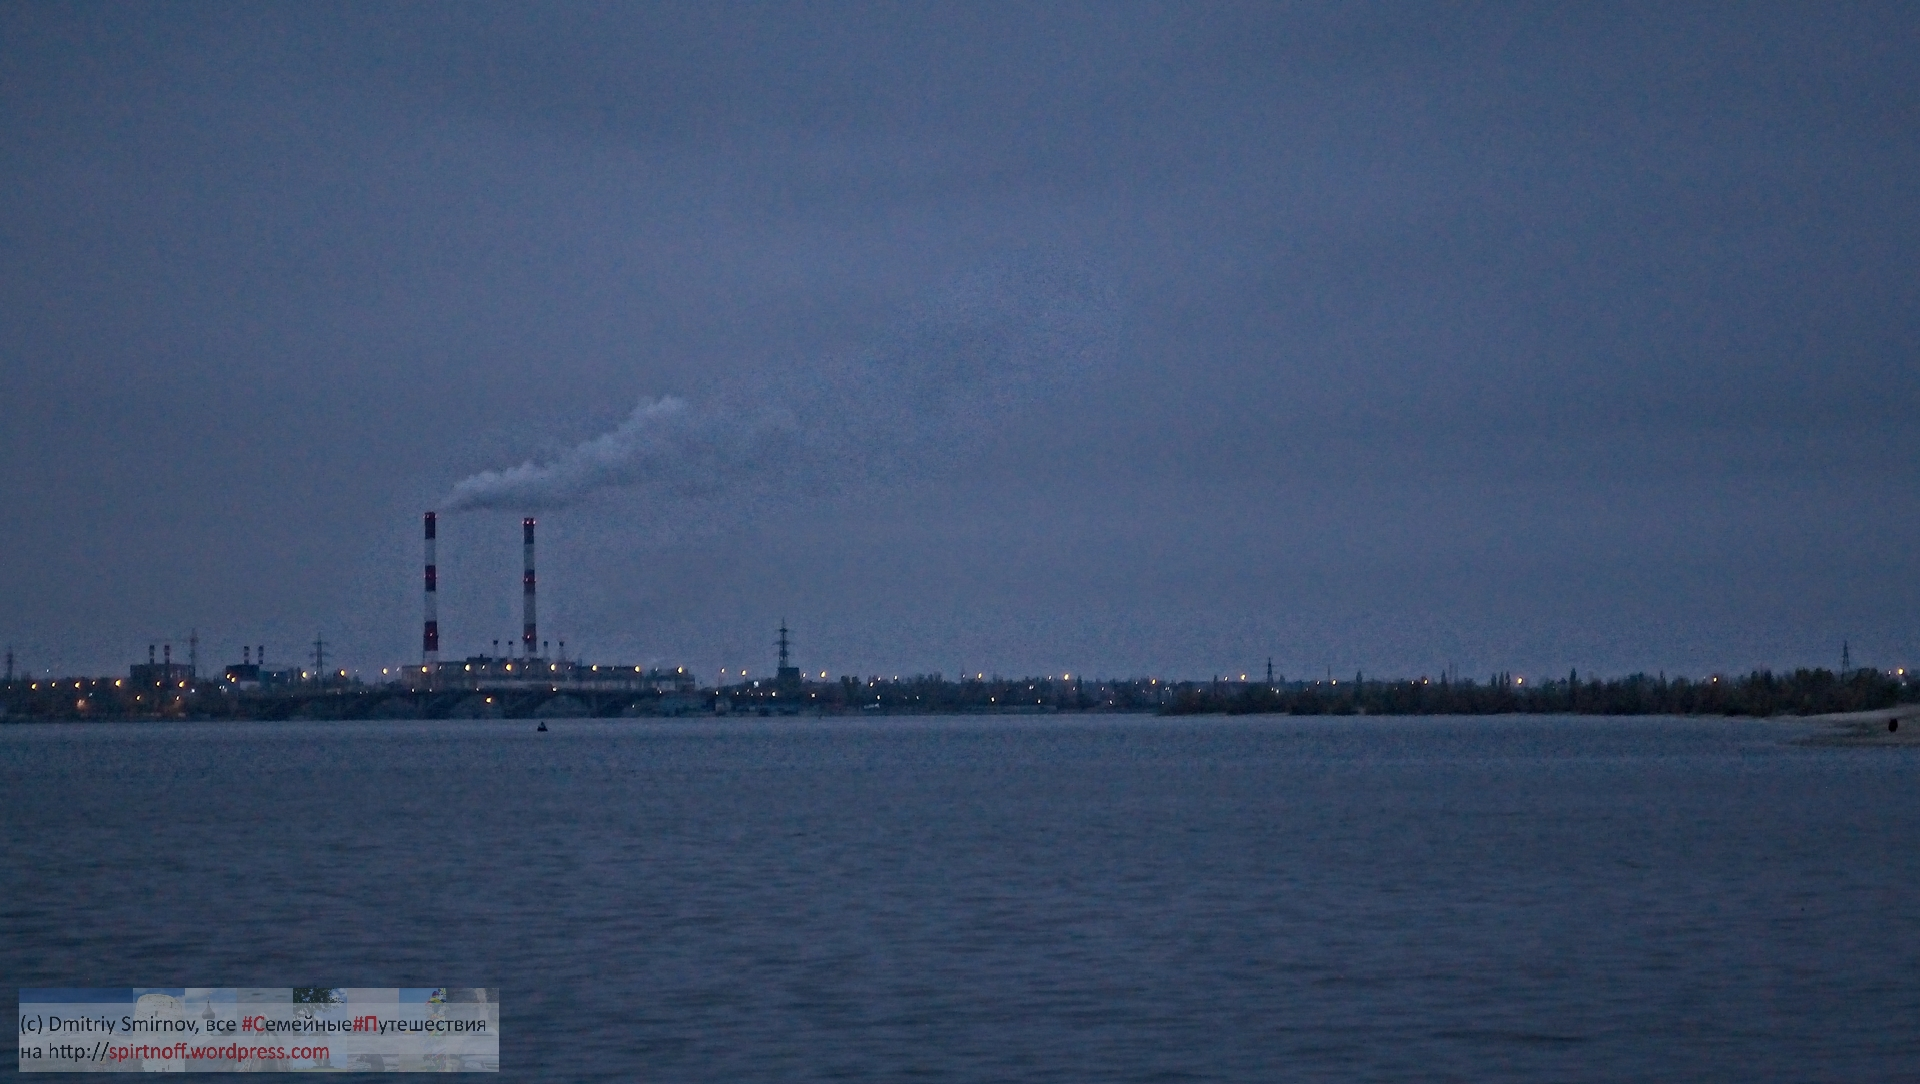 DSC_8791-91-Blog-189 Путешествия  Воронеж. Портал в соседнее измерение